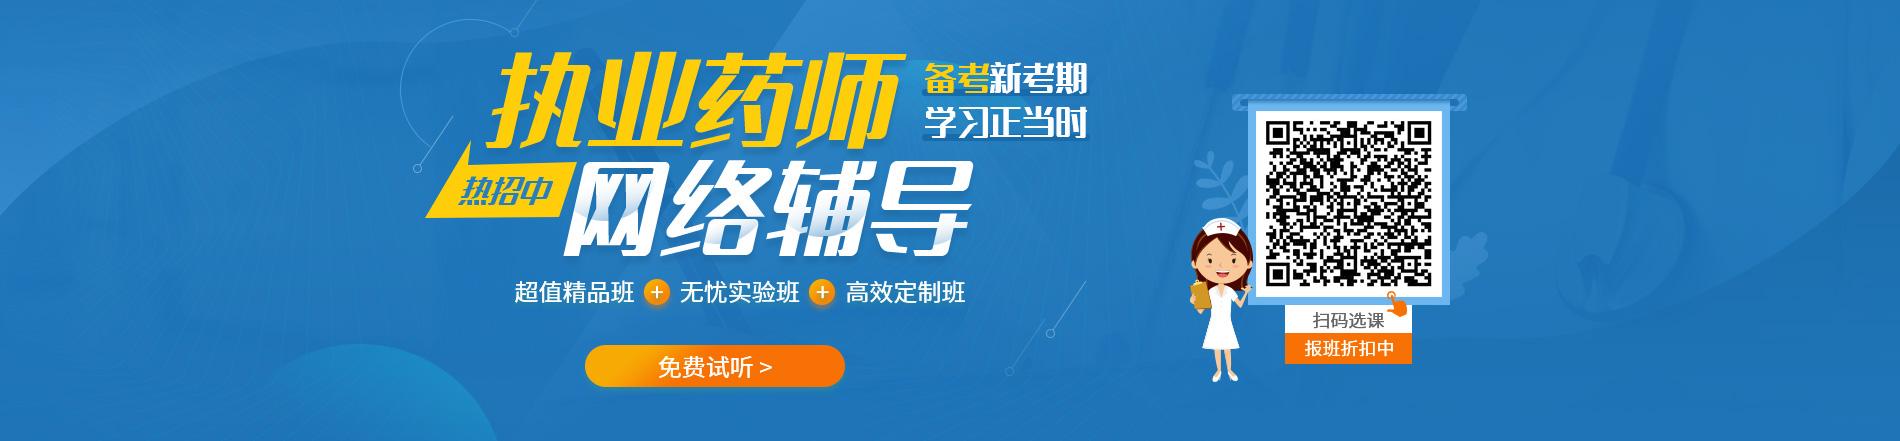 上海执业药师网上培训班哪个好